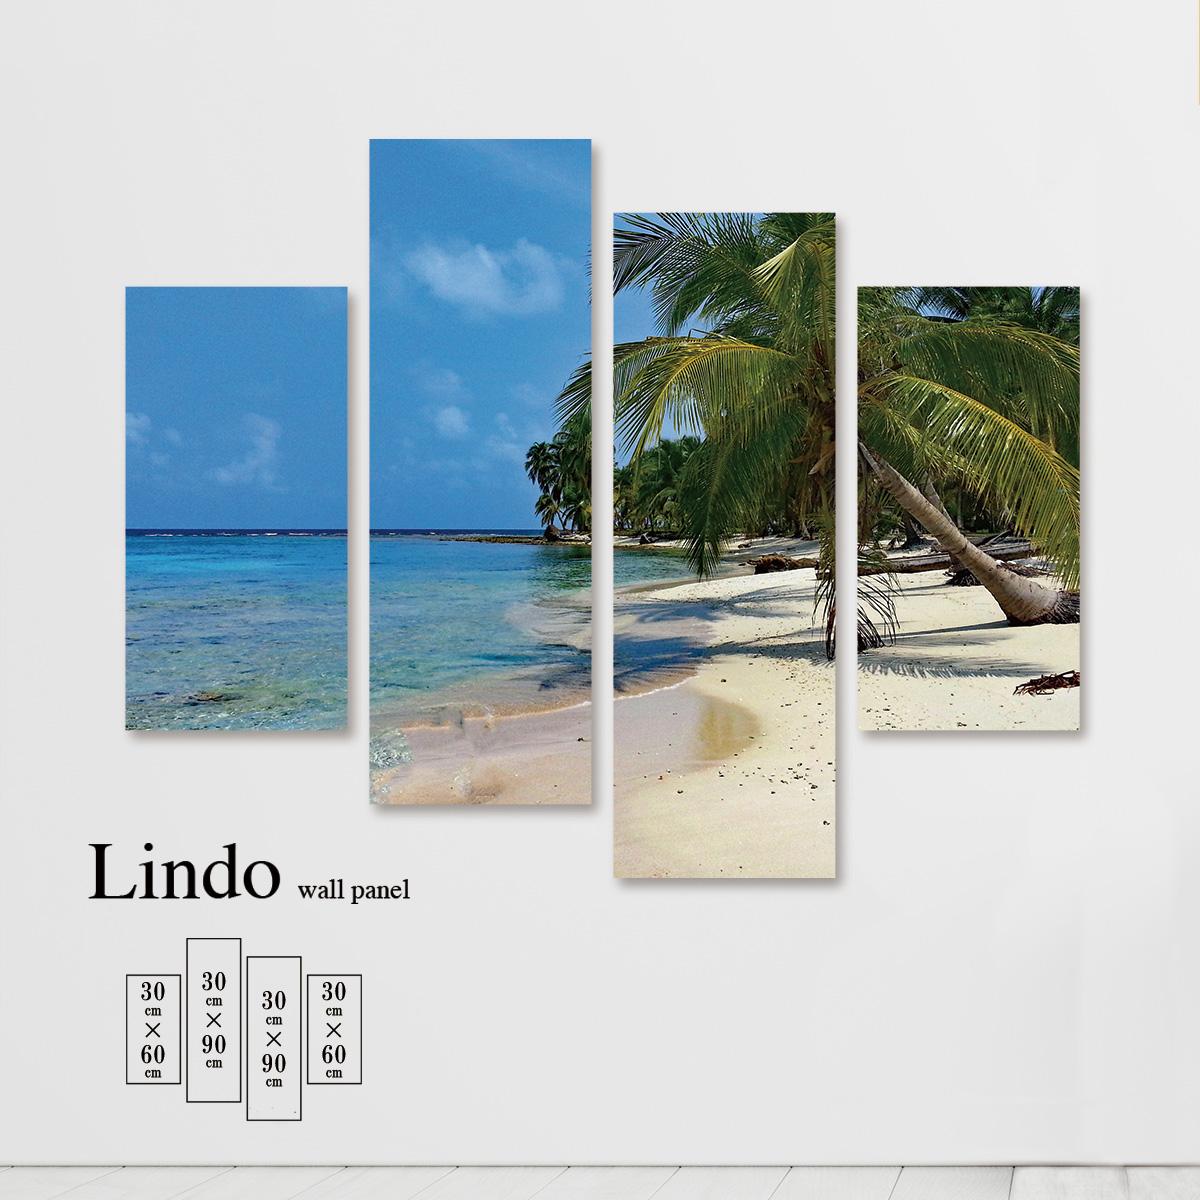 ファブリックパネル 海 海面 海岸 浜辺 ビーチ 風景 景色 青空 砂浜 壁掛け 北欧 お洒落 デザイン アート 壁飾り アートボード 4枚パネル